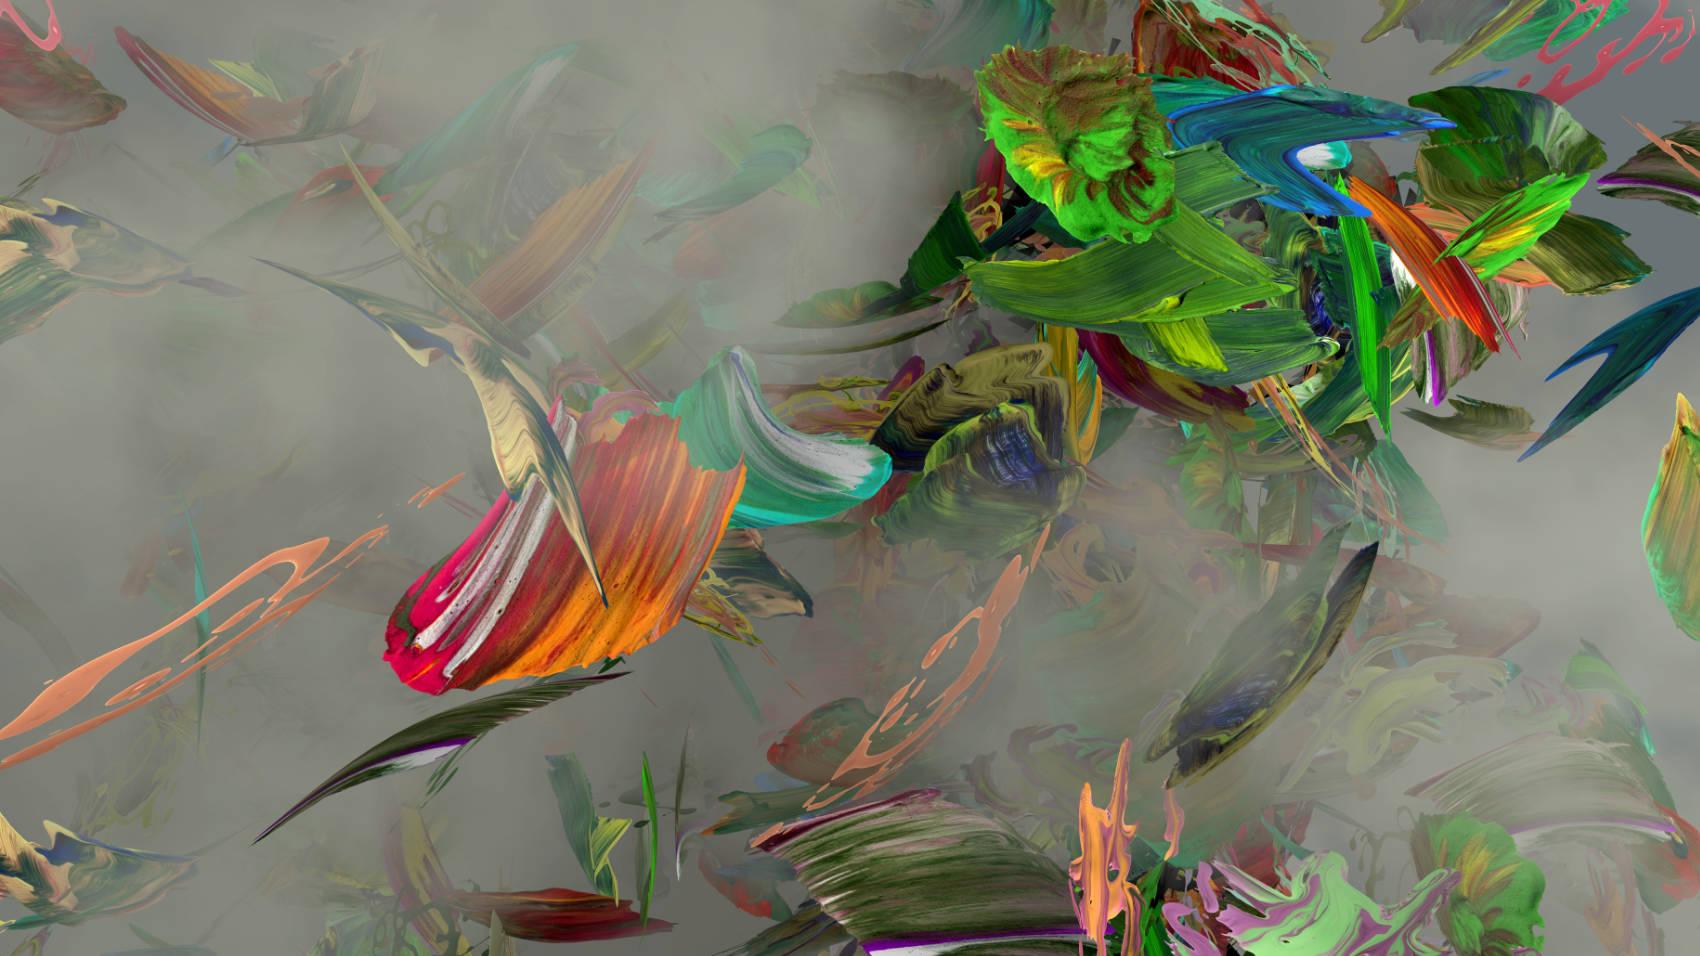 Peintures 4, 2011, C-Print, 70 x 124 cm